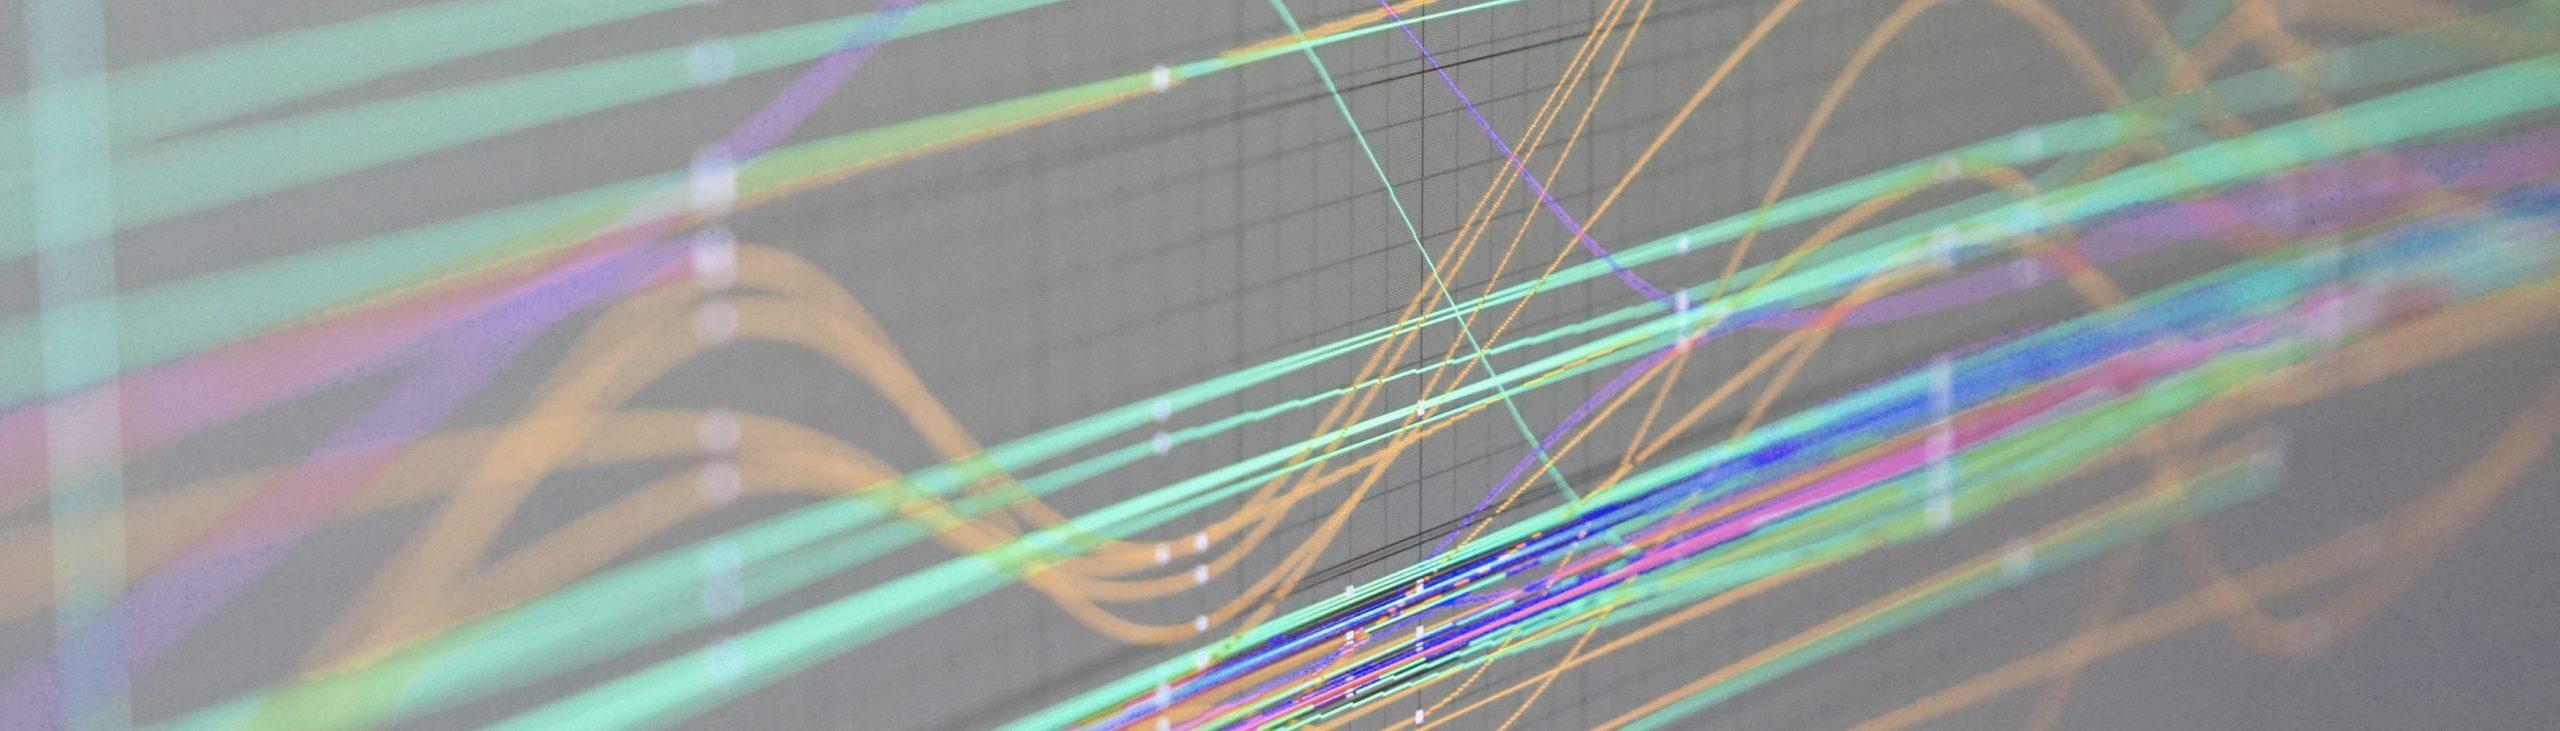 Graph_C4D_V2